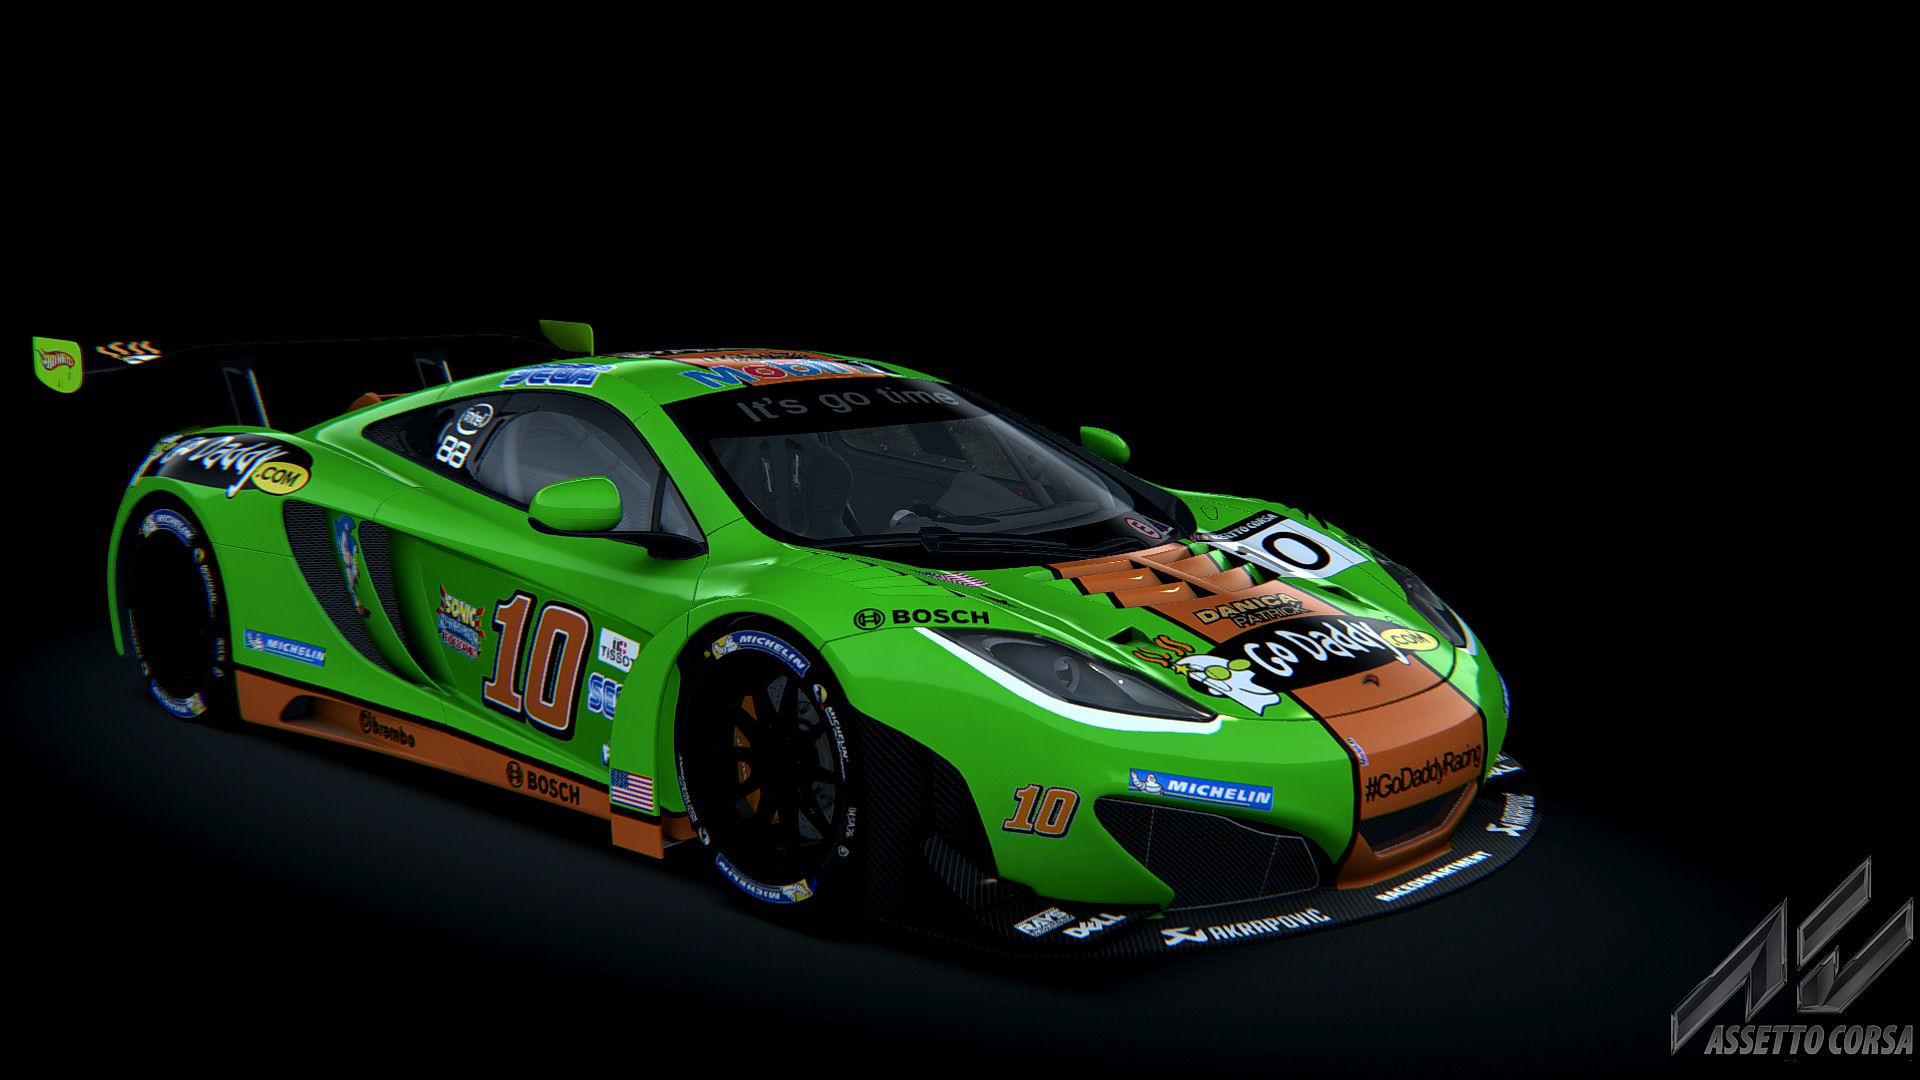 My GoDaddy McLaren